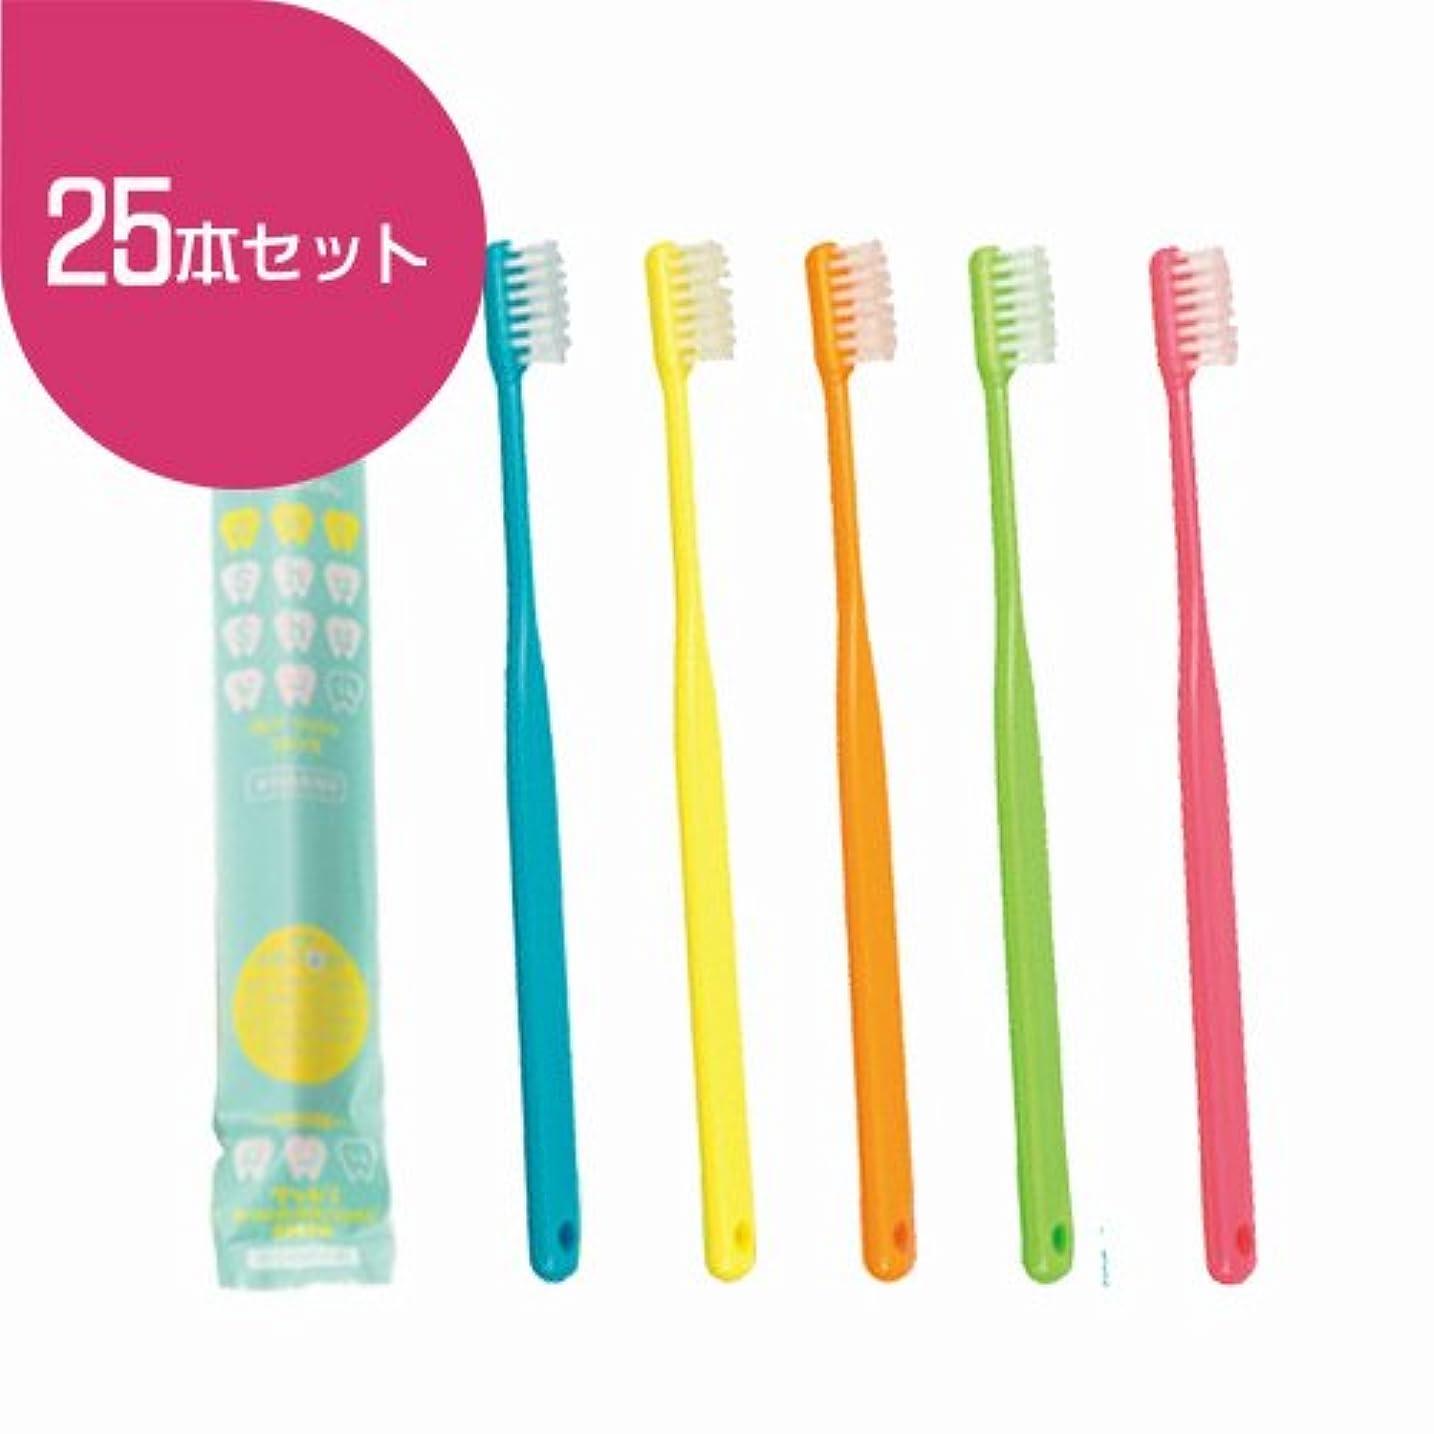 試用放射する時代遅れFEED(フィード) 占い!Shu Shu(うらないシュシュ)歯ブラシ×25本 (ふつう(M), 色はおまかせ)